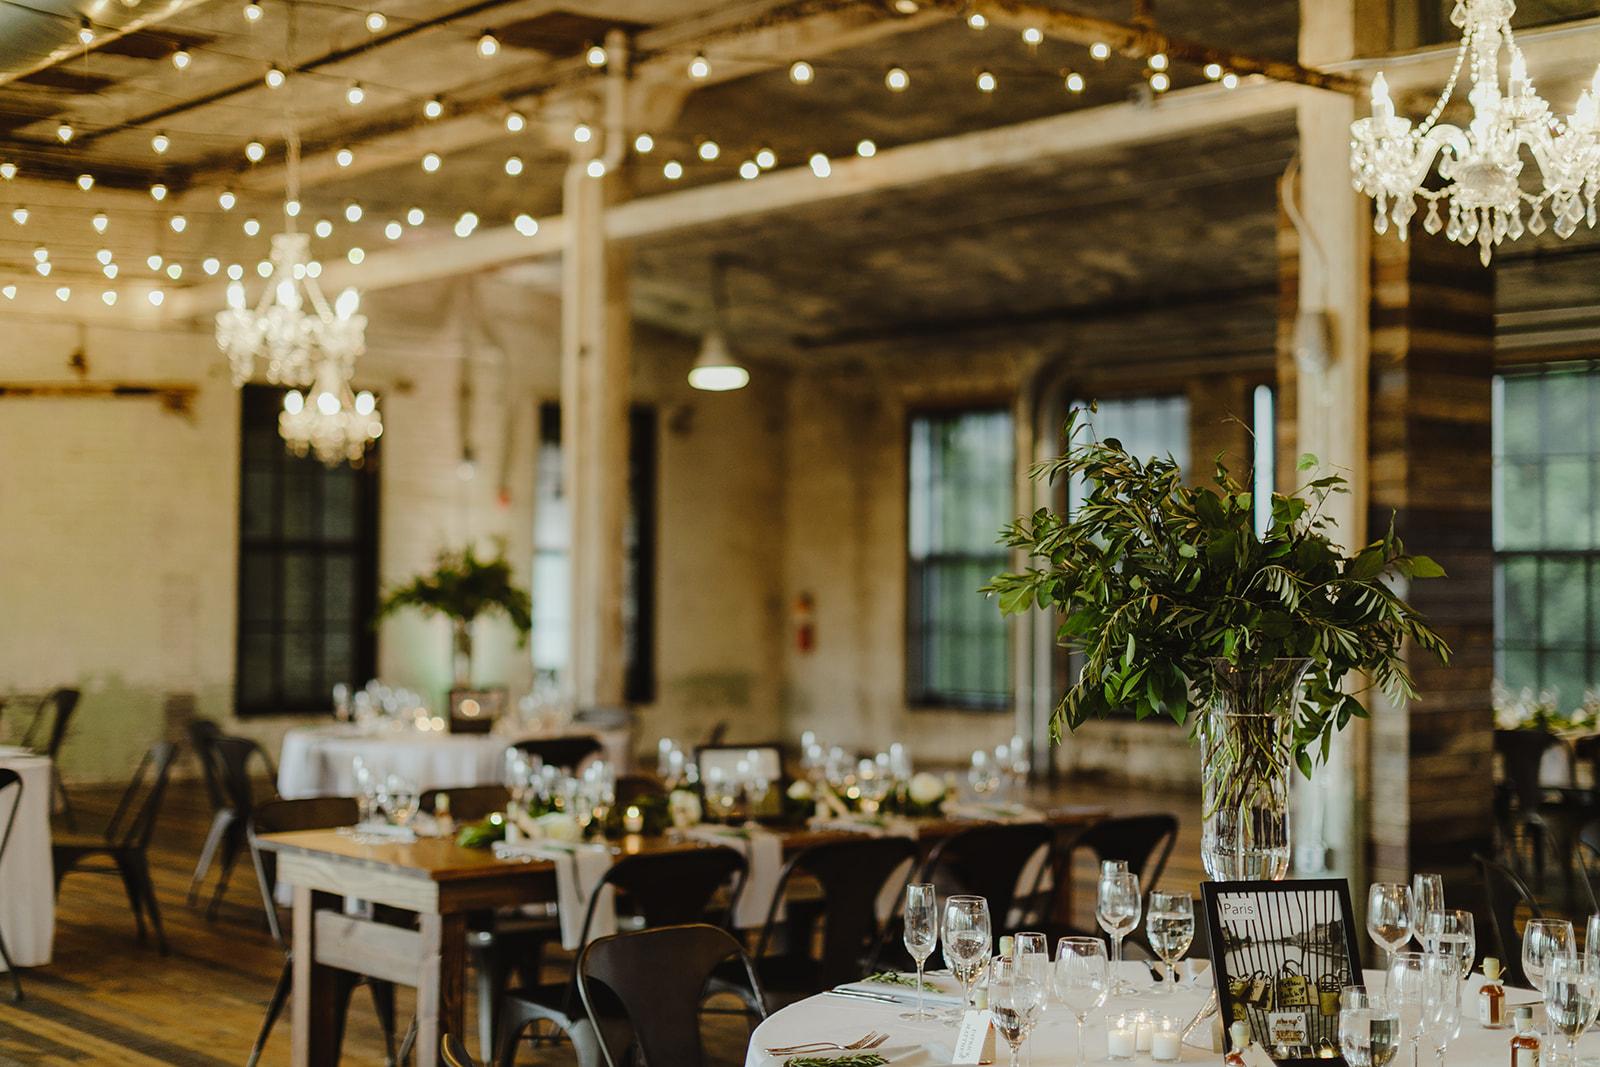 Reception tables for a Journeyman Distillery wedding